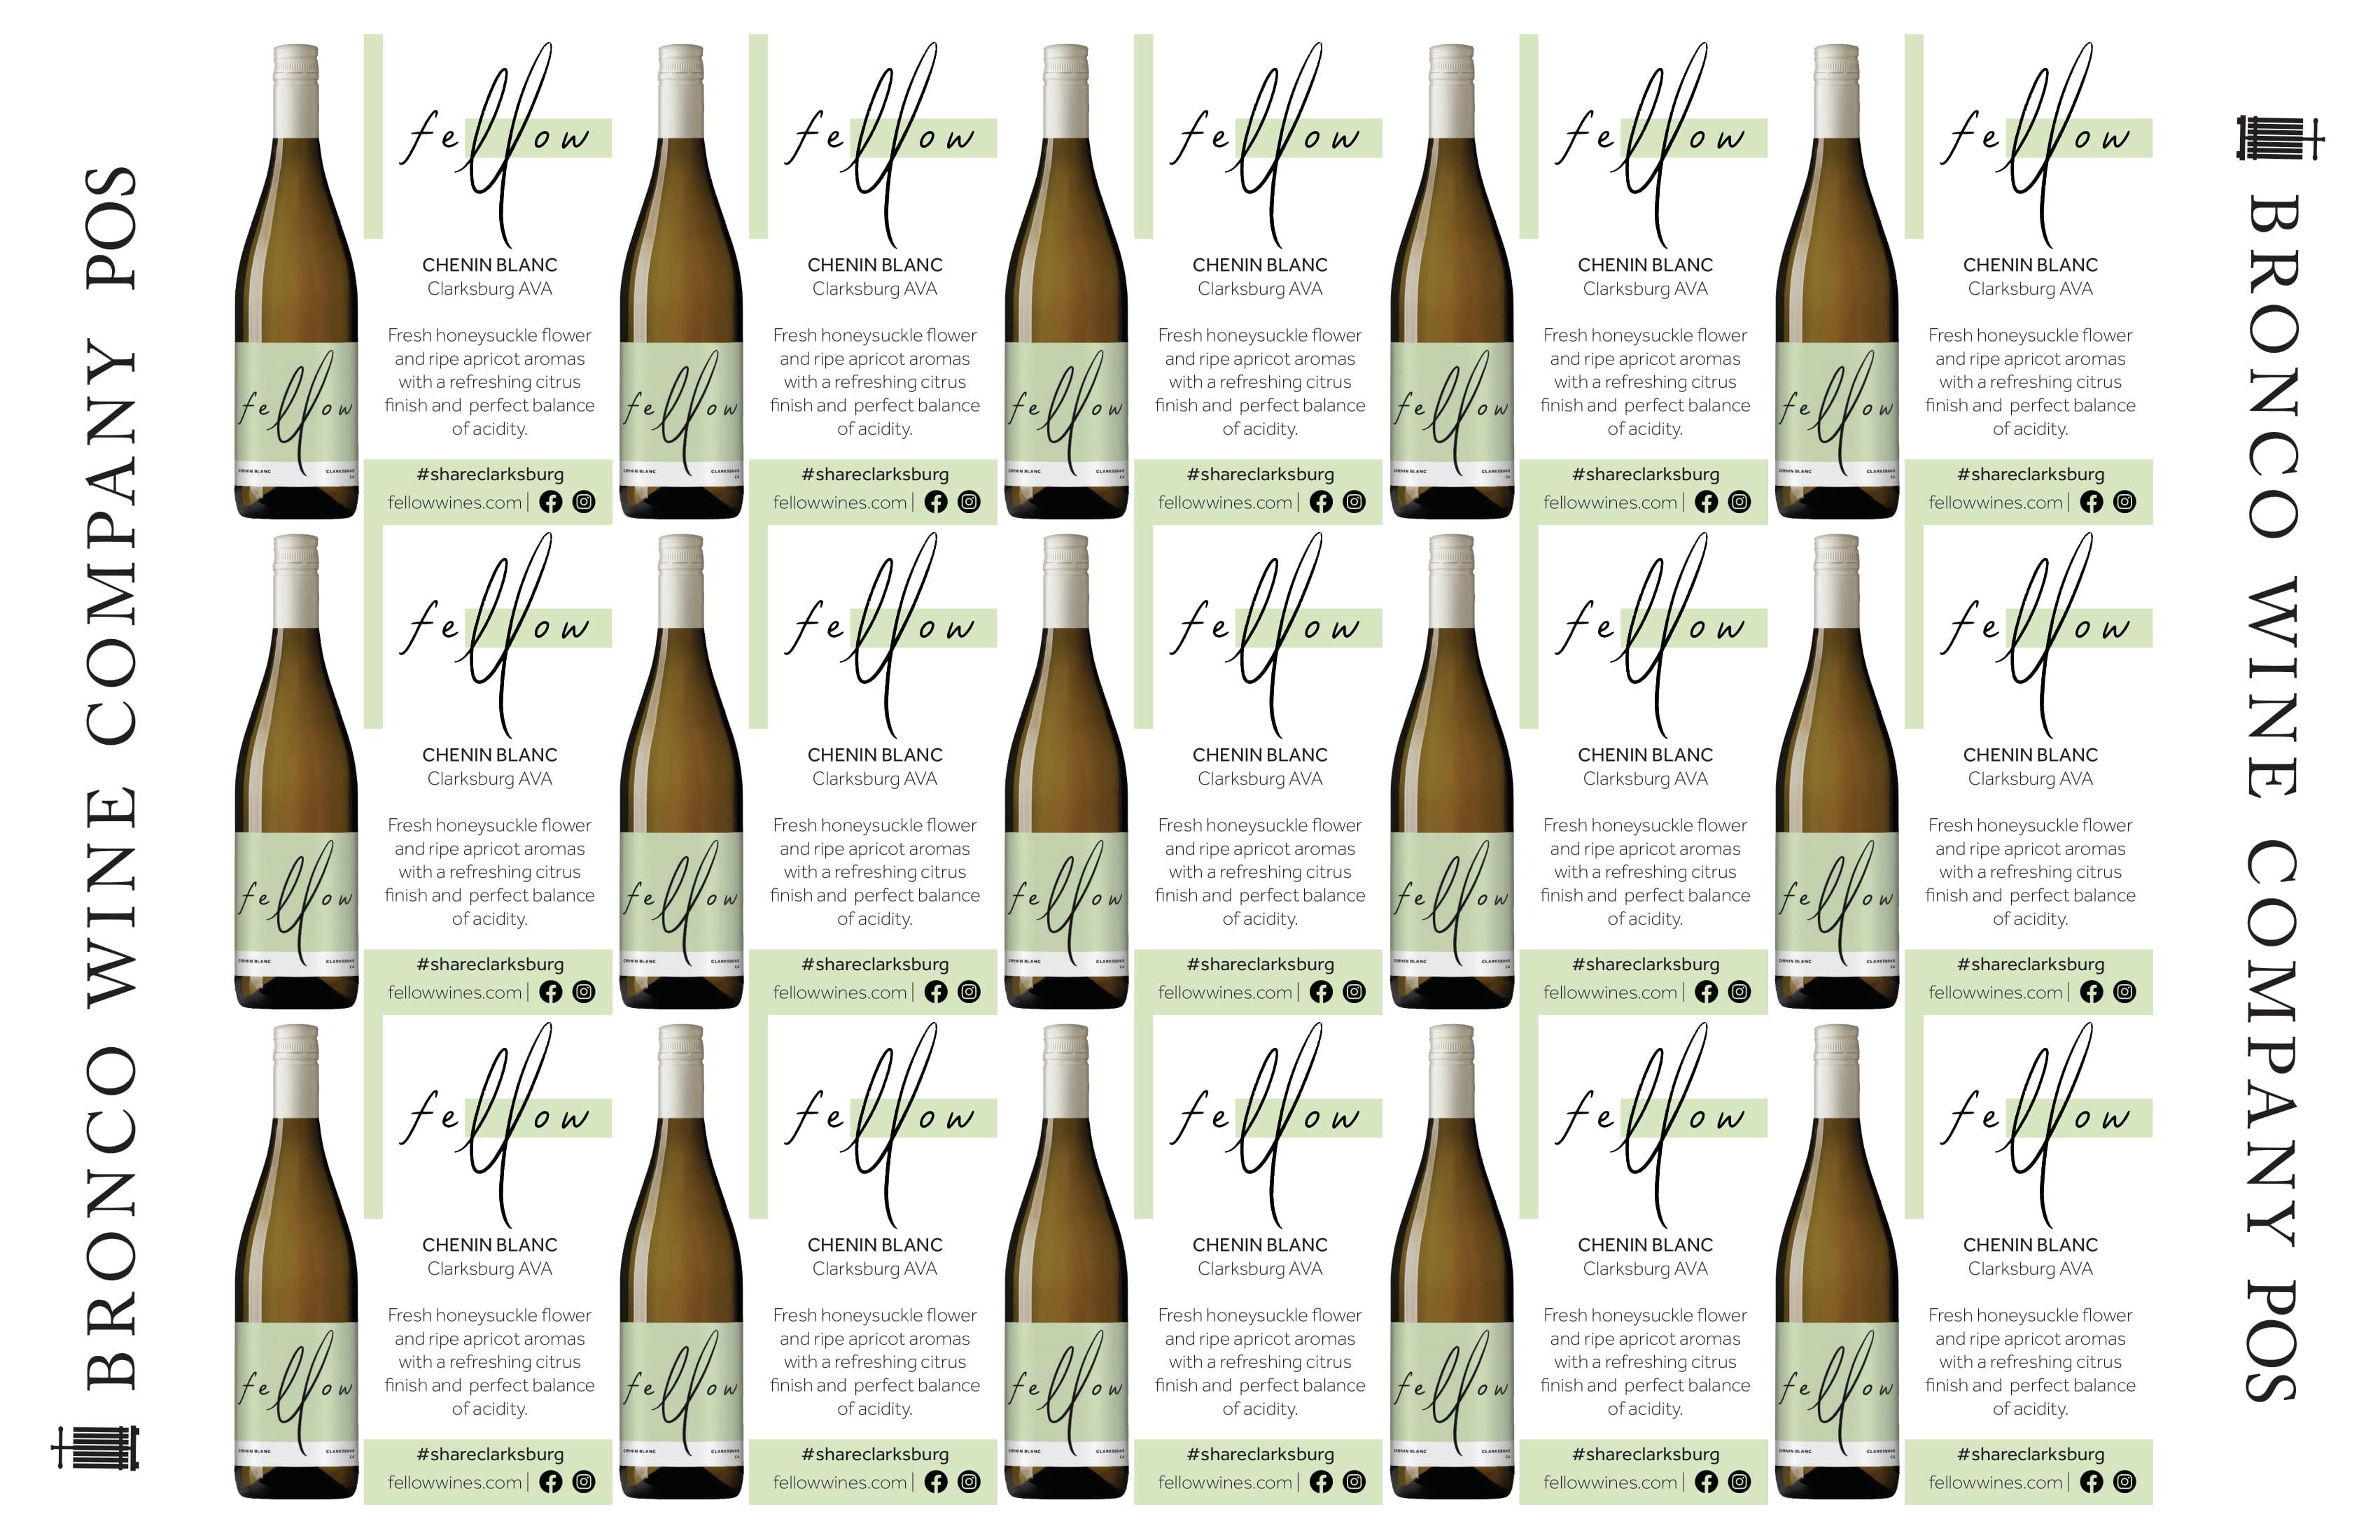 Fellow Wines Chenin Blanc Shelf Talker